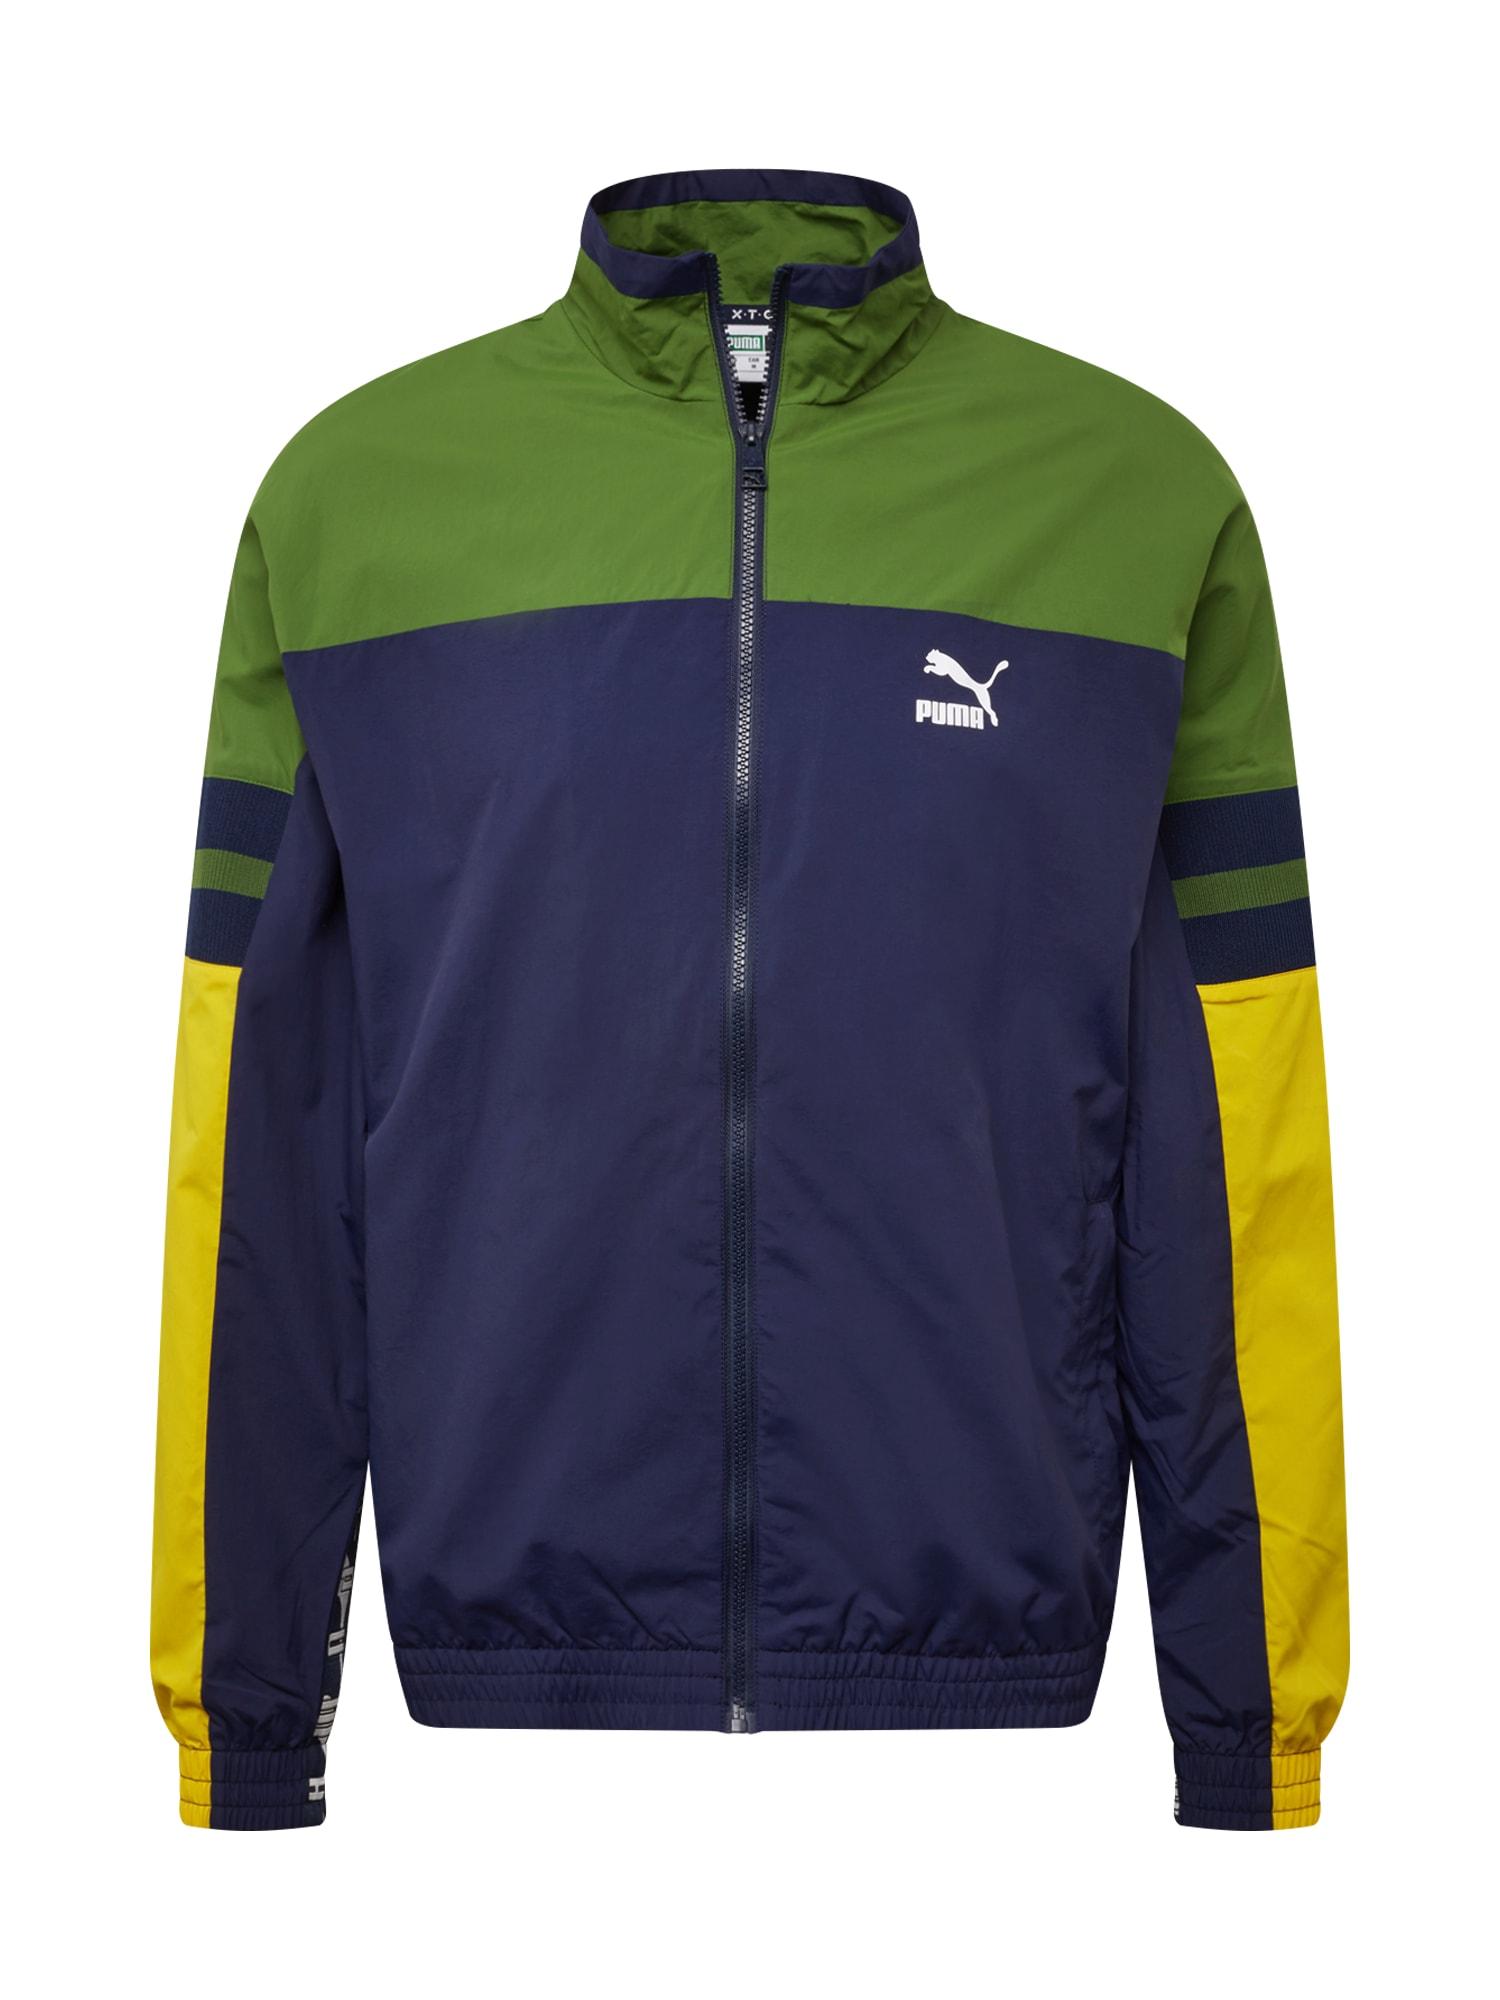 Sportovní bunda XTG tmavě modrá žlutá zelená PUMA